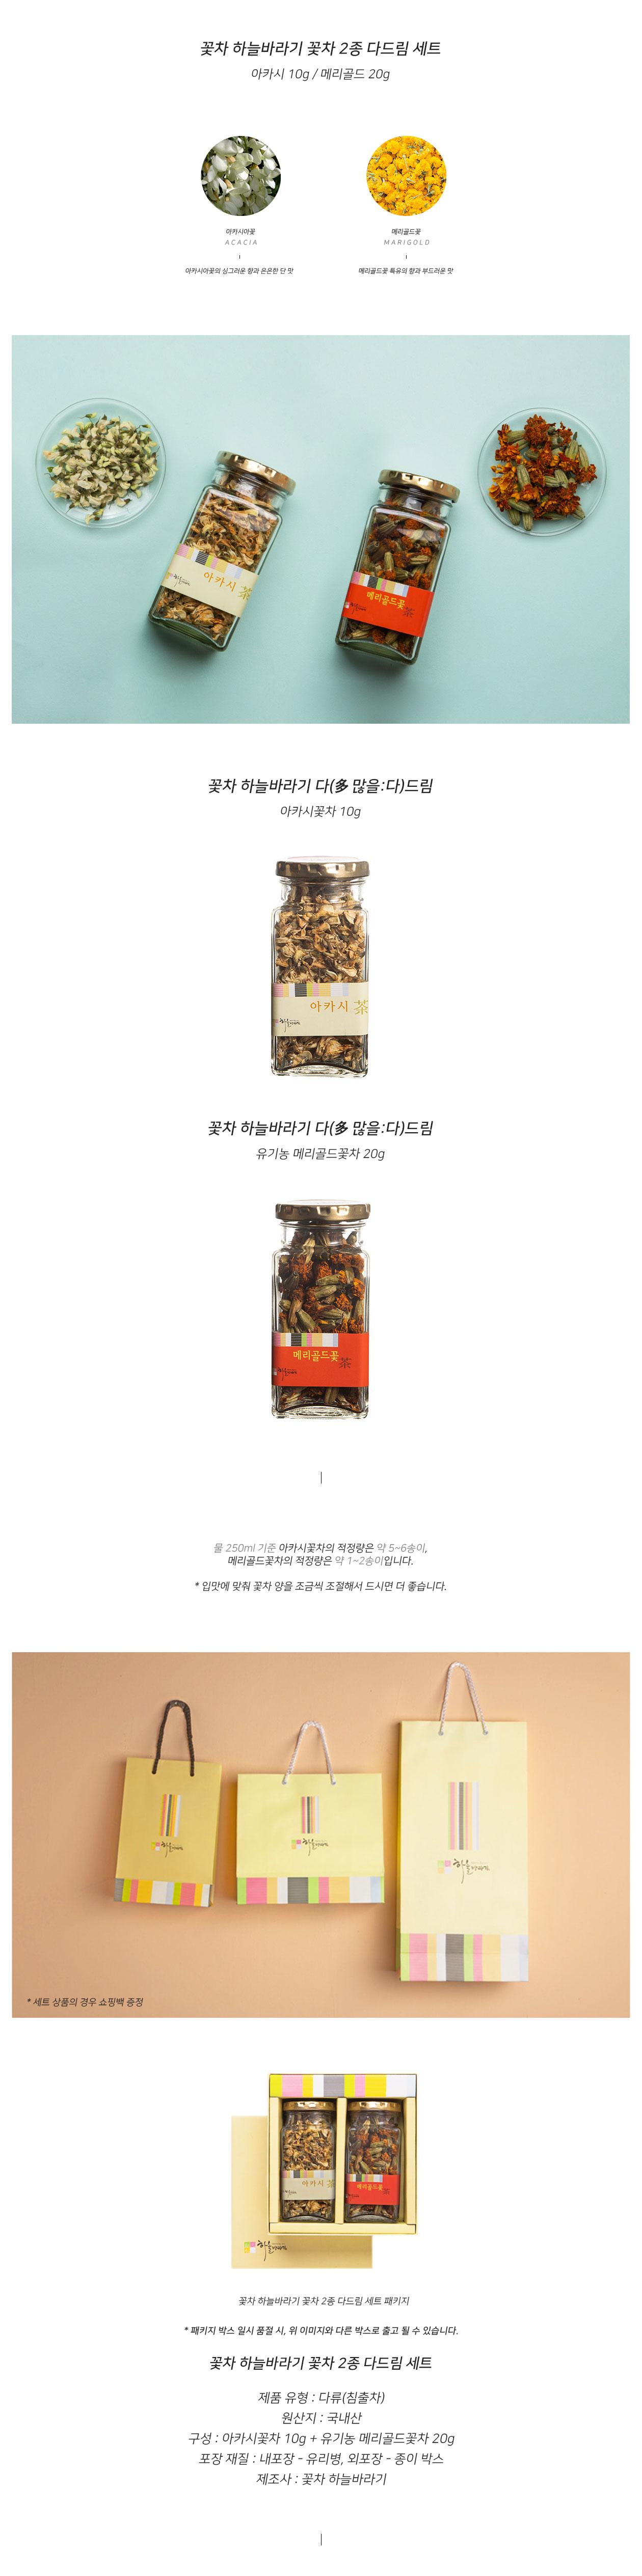 꽃차 2종 다드림세트(아카시+메리골드) - 꽃차 하늘바라기, 62,000원, 차, 국화/민들레/꽃잎차